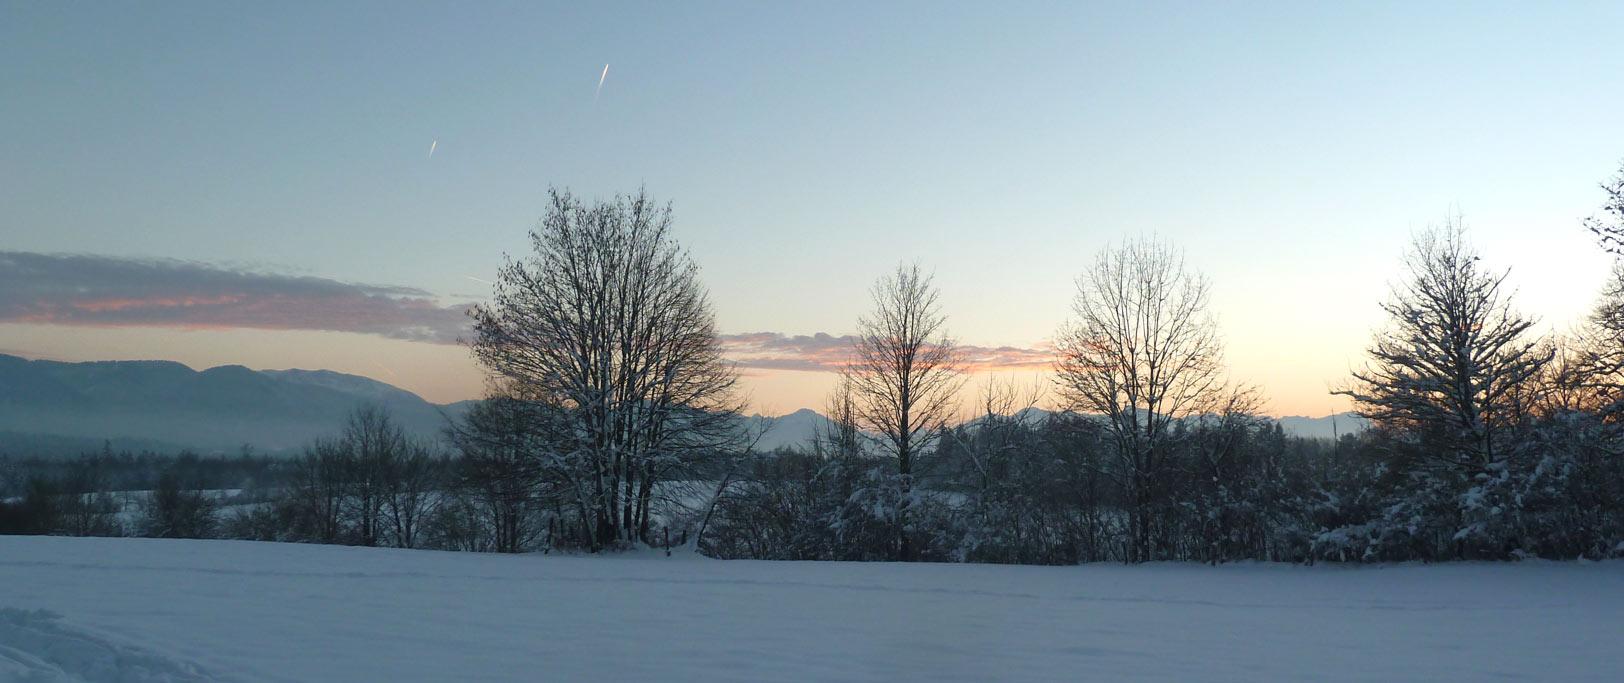 Winter in Mooseurach, Boschhof